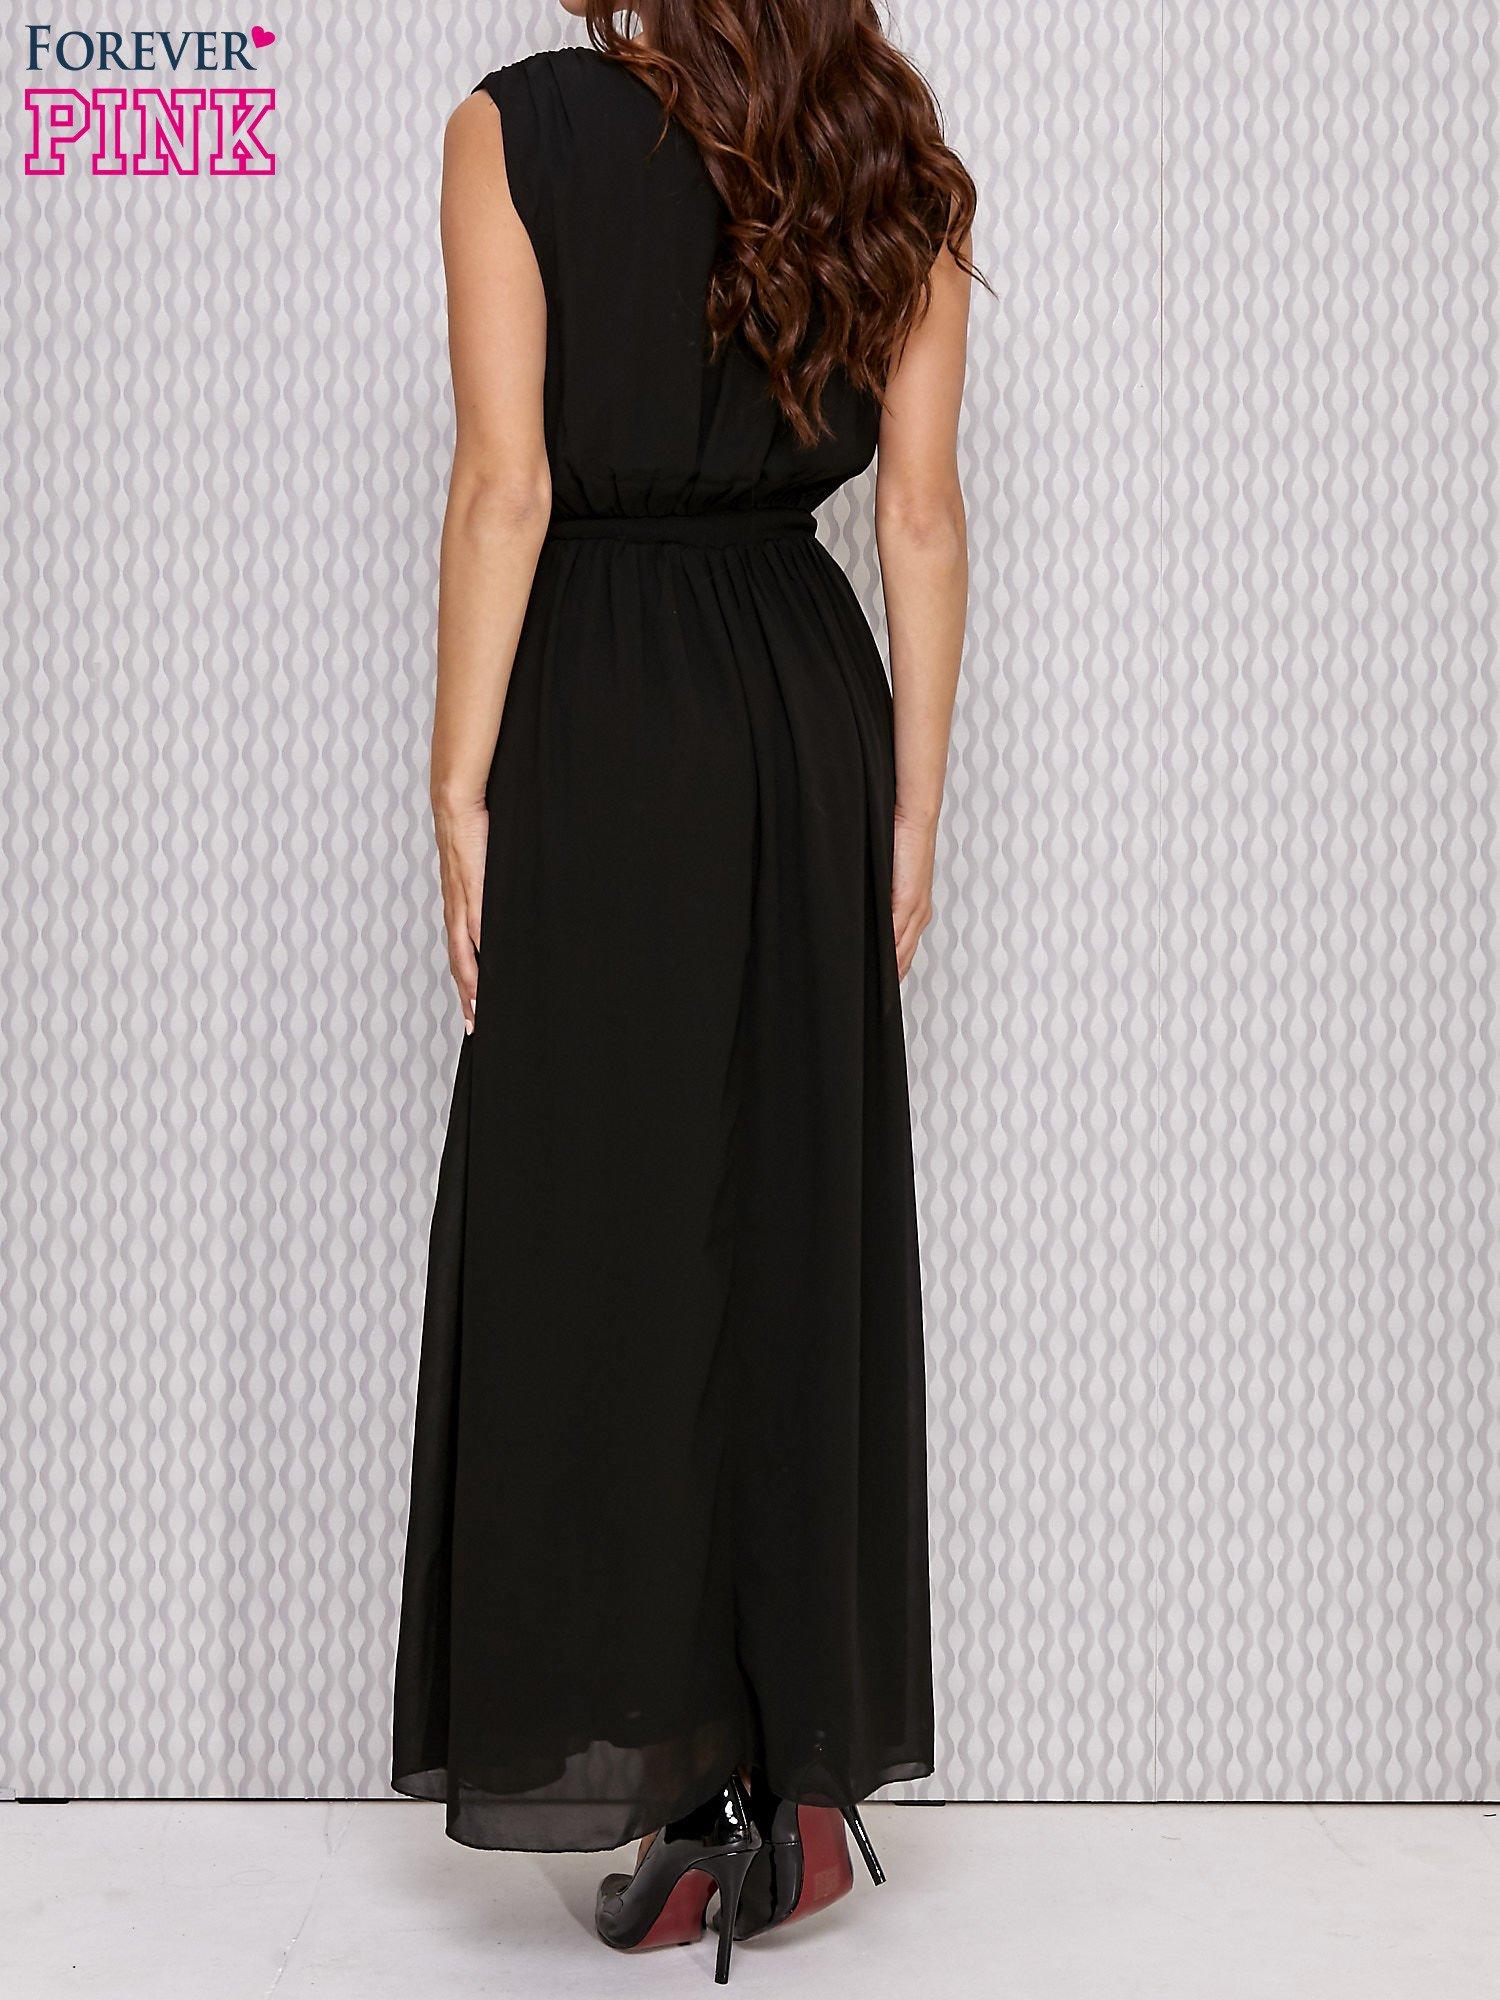 Czarna sukienka maxi z biżuteryjnym pasem                                  zdj.                                  3